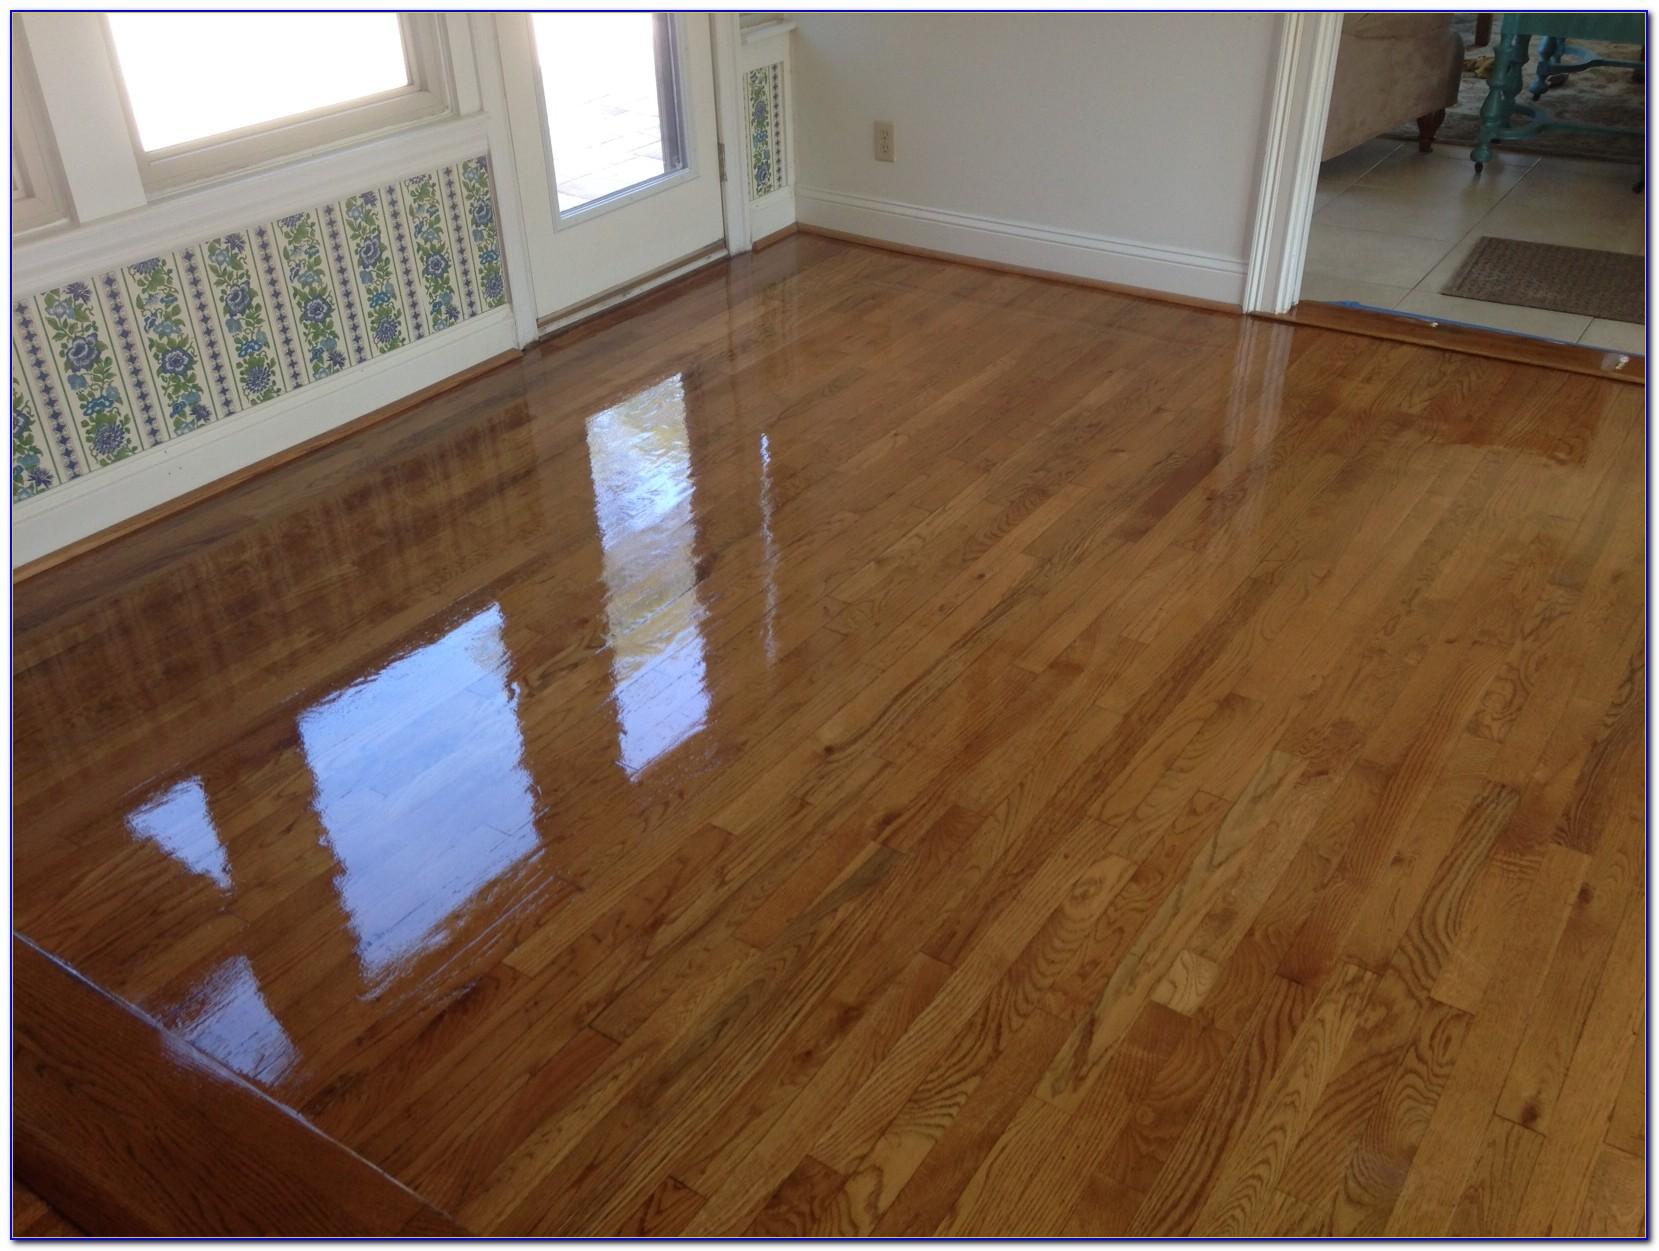 Ab Hardwood Flooring Jacksonville Fl